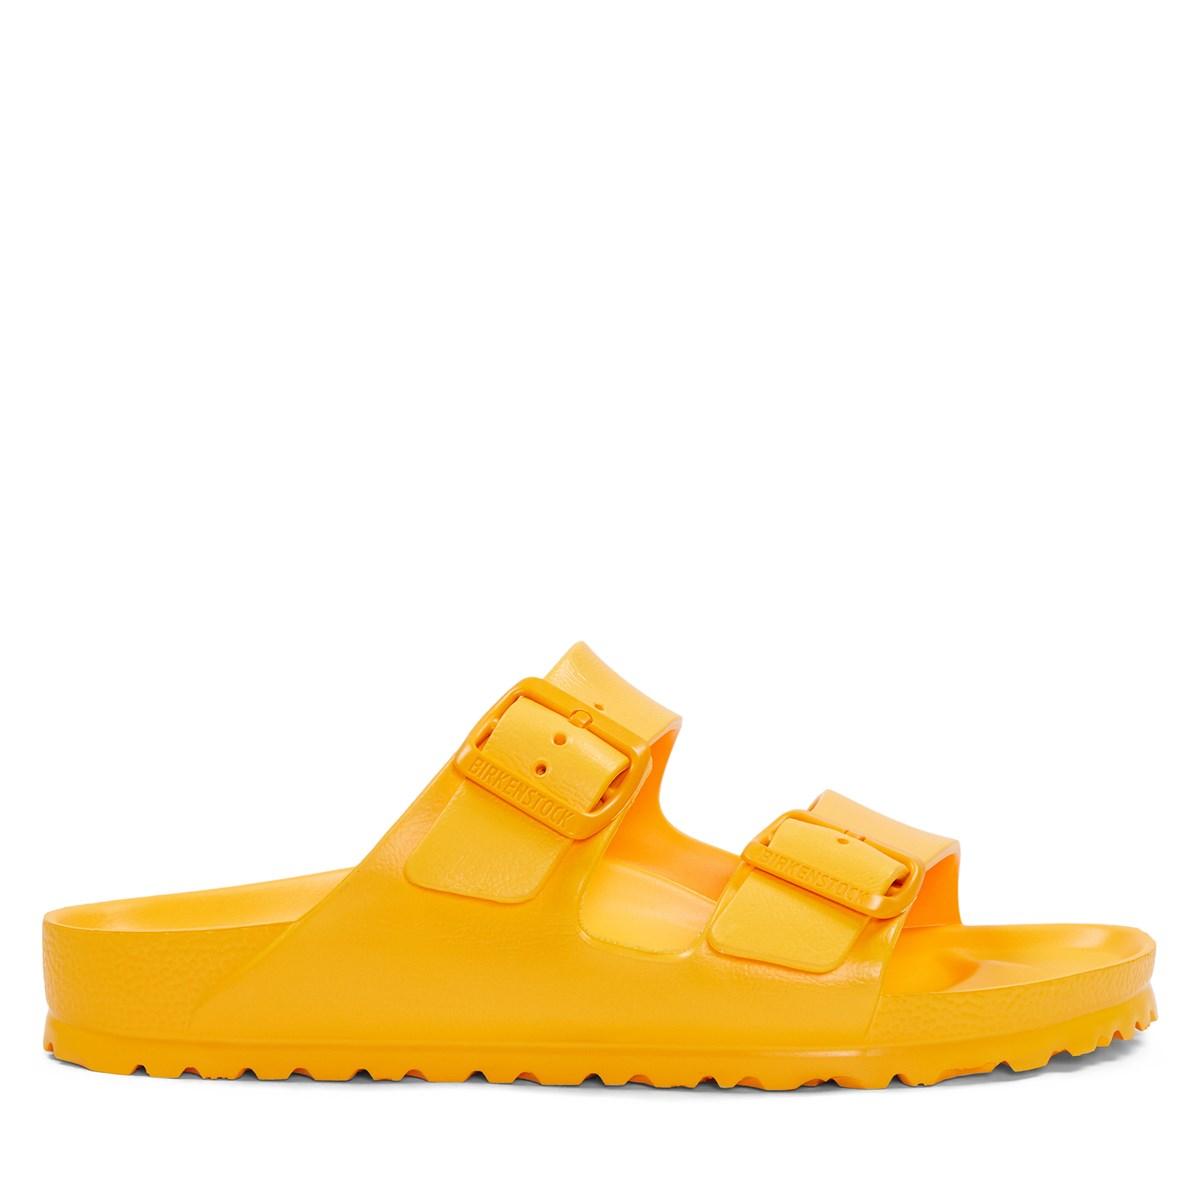 Women's Arizona EVA Sandals in Orange